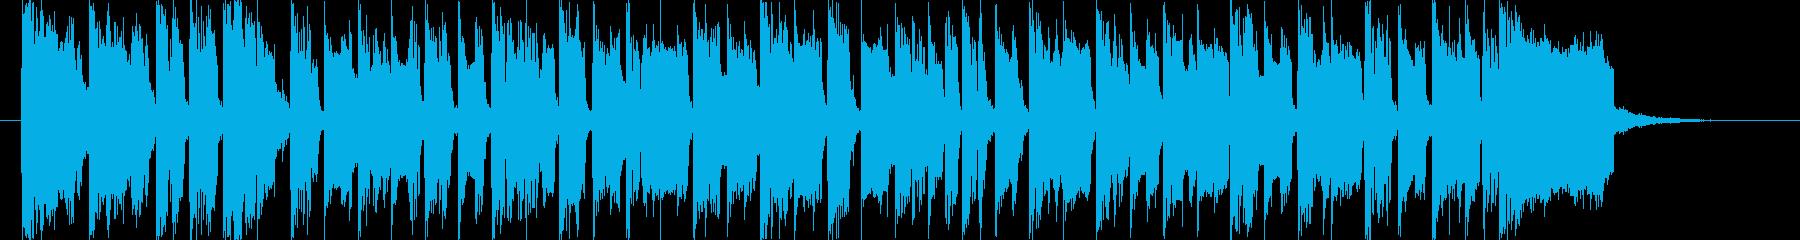 シンセがメロのほのぼのした曲です。の再生済みの波形